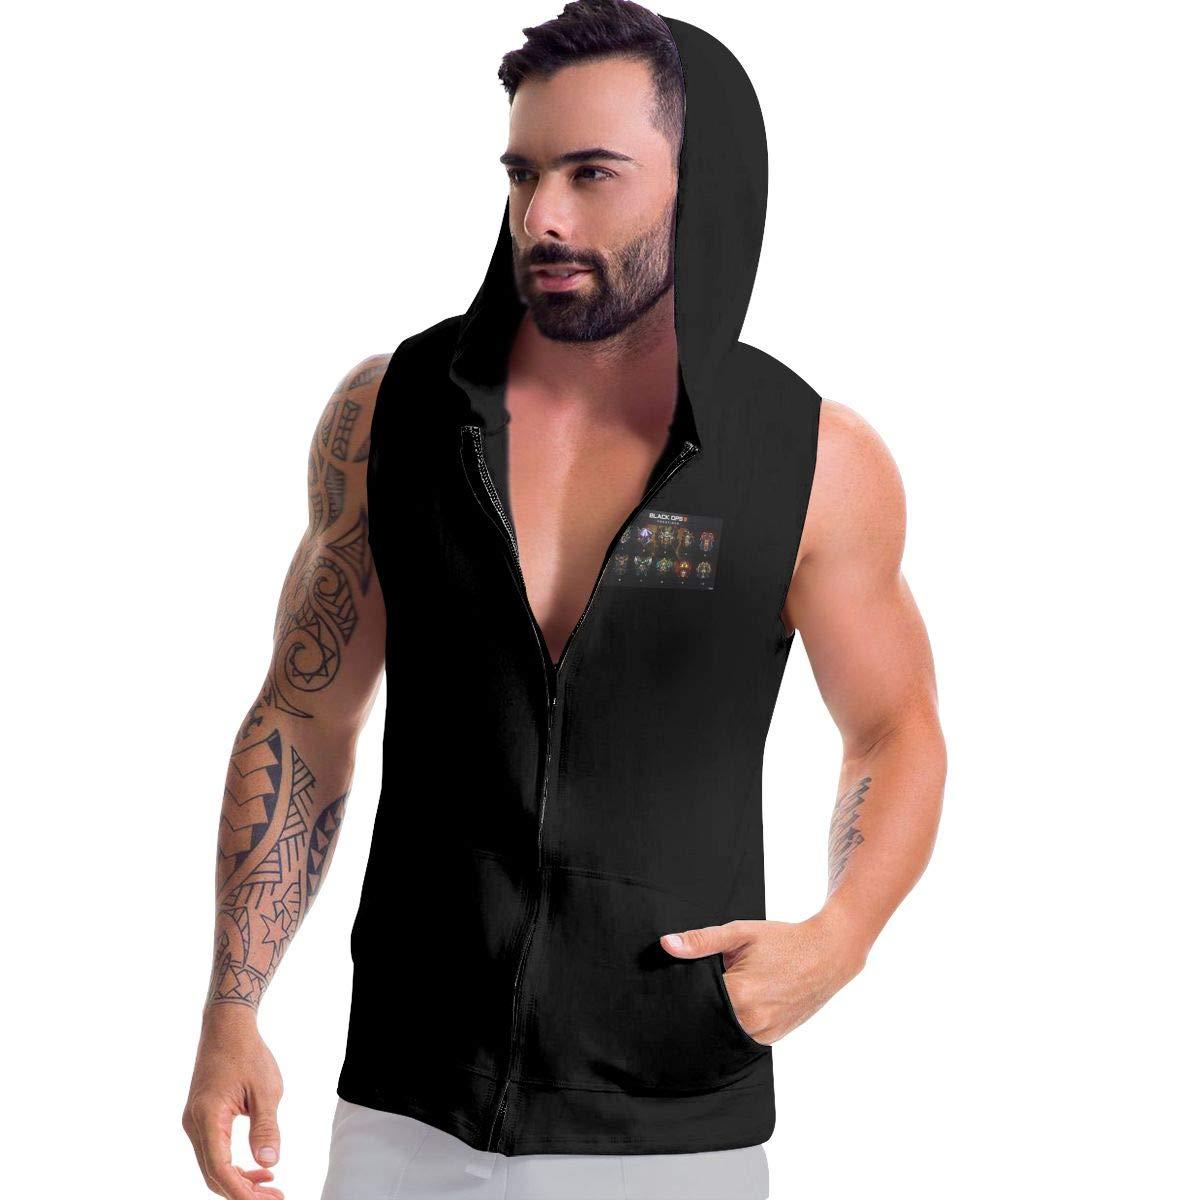 Kinggo Designed Mans Hooded Sack All Prestige Emblems for Black OPS Prestiges Humor Zipper Suit